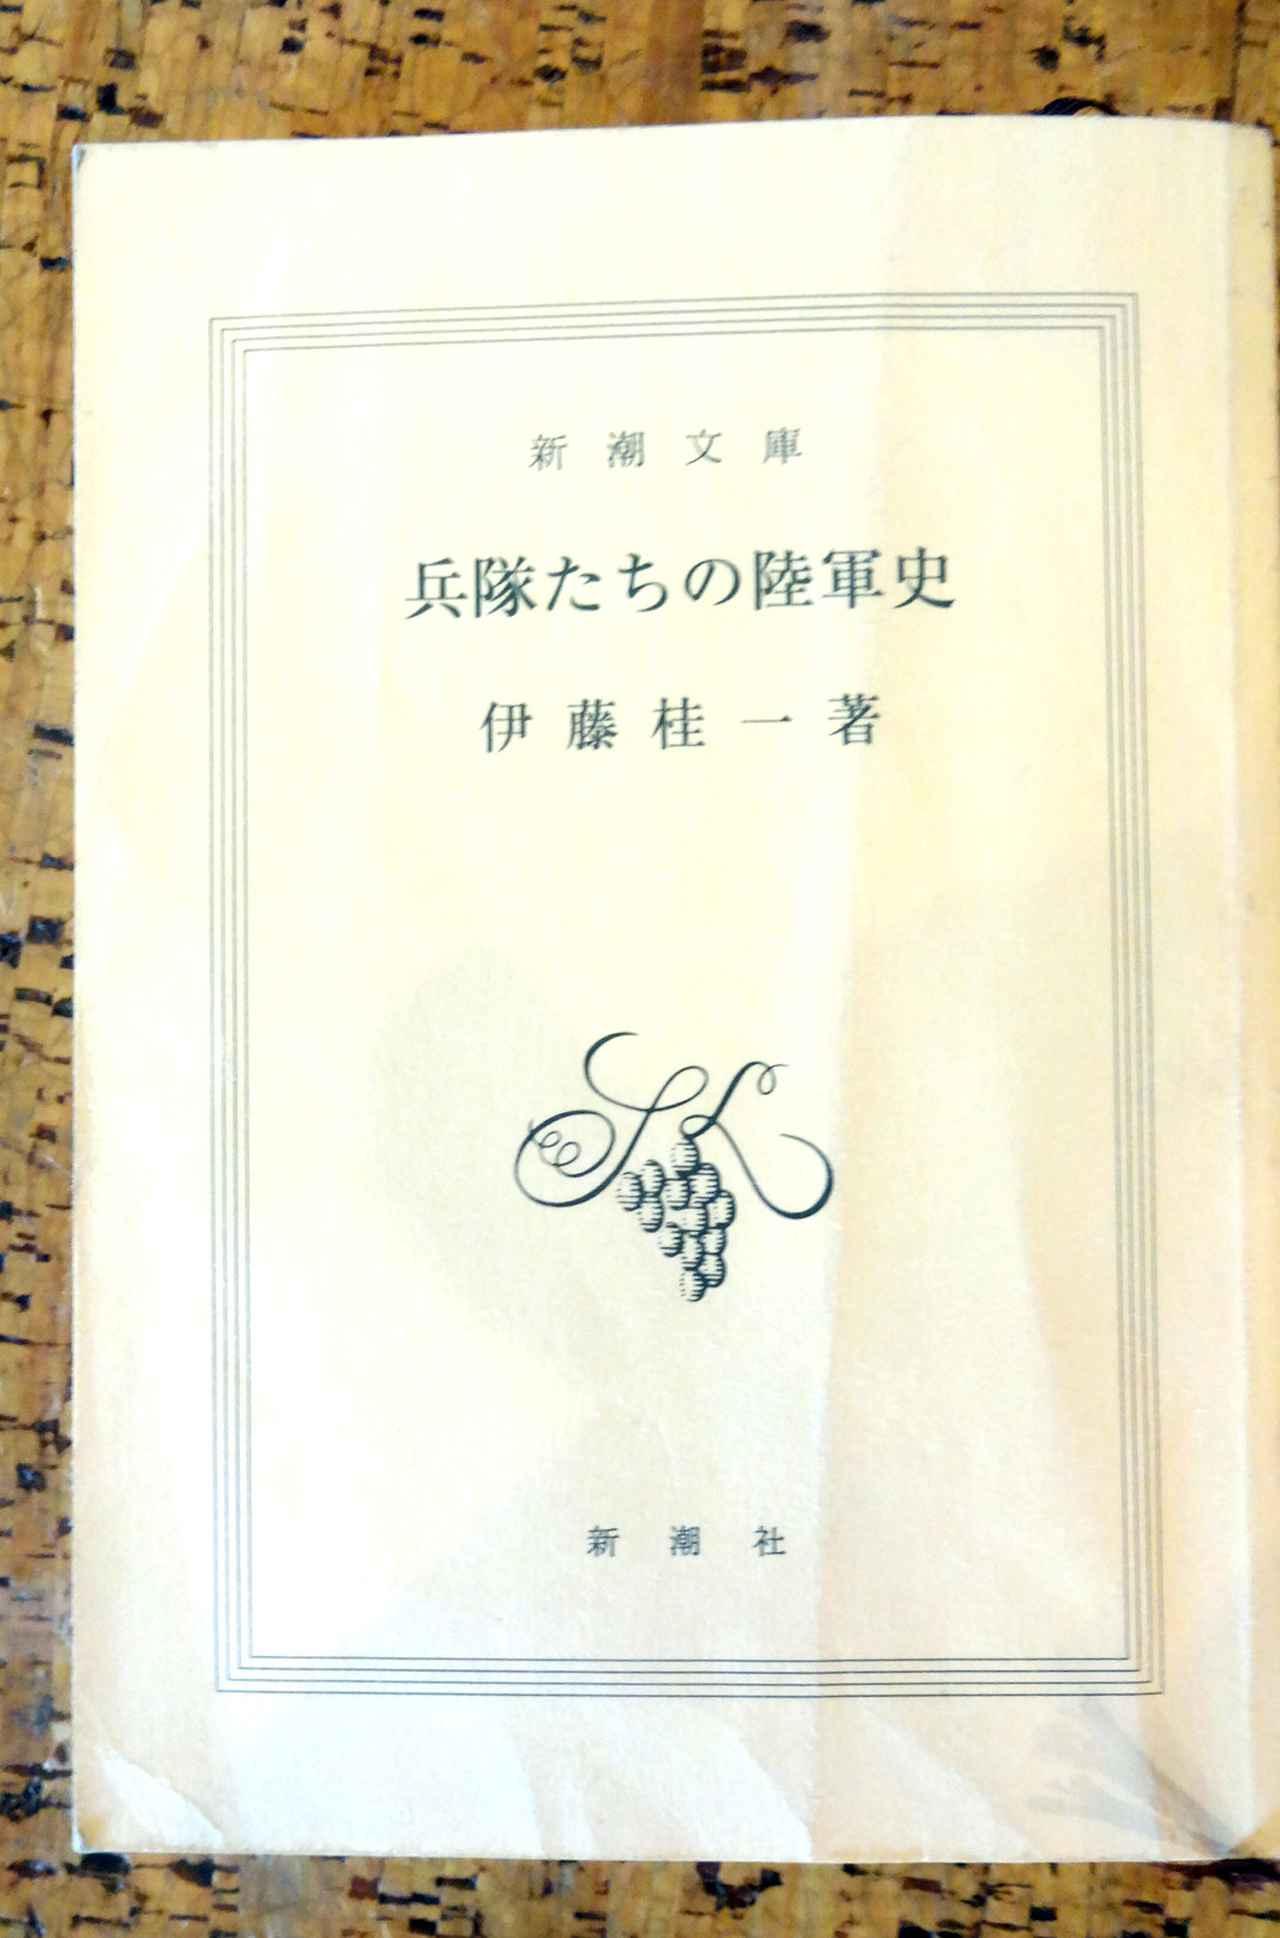 画像1: 永遠の図書室通信 第36話「著者 伊藤桂一」